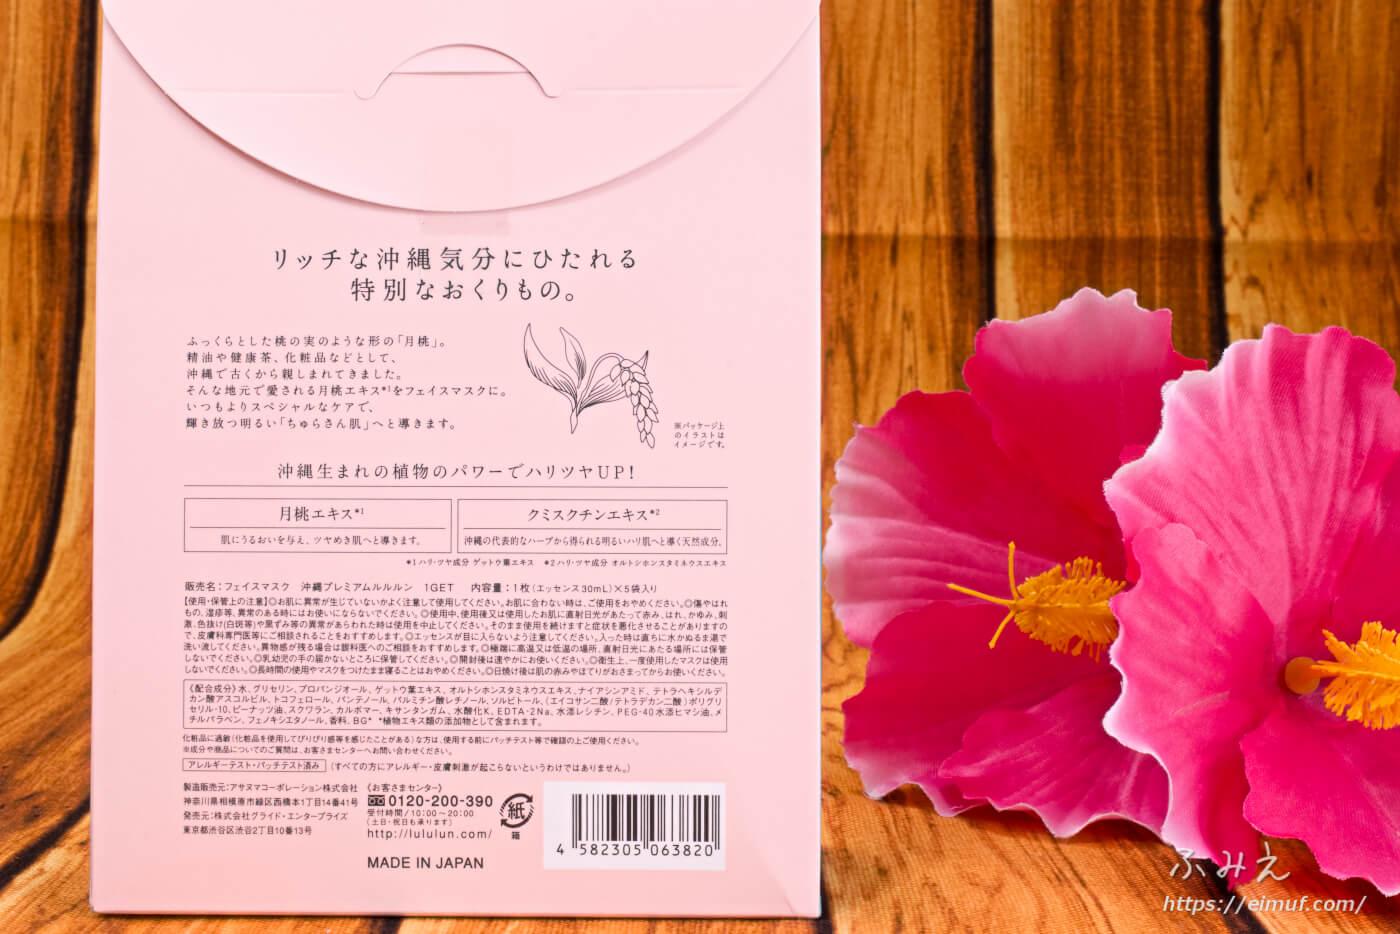 沖縄のプレミアムルルルン 大人のスペシャルケア ハイビスカスの香り 1枚入り×5袋のパッケージ裏面